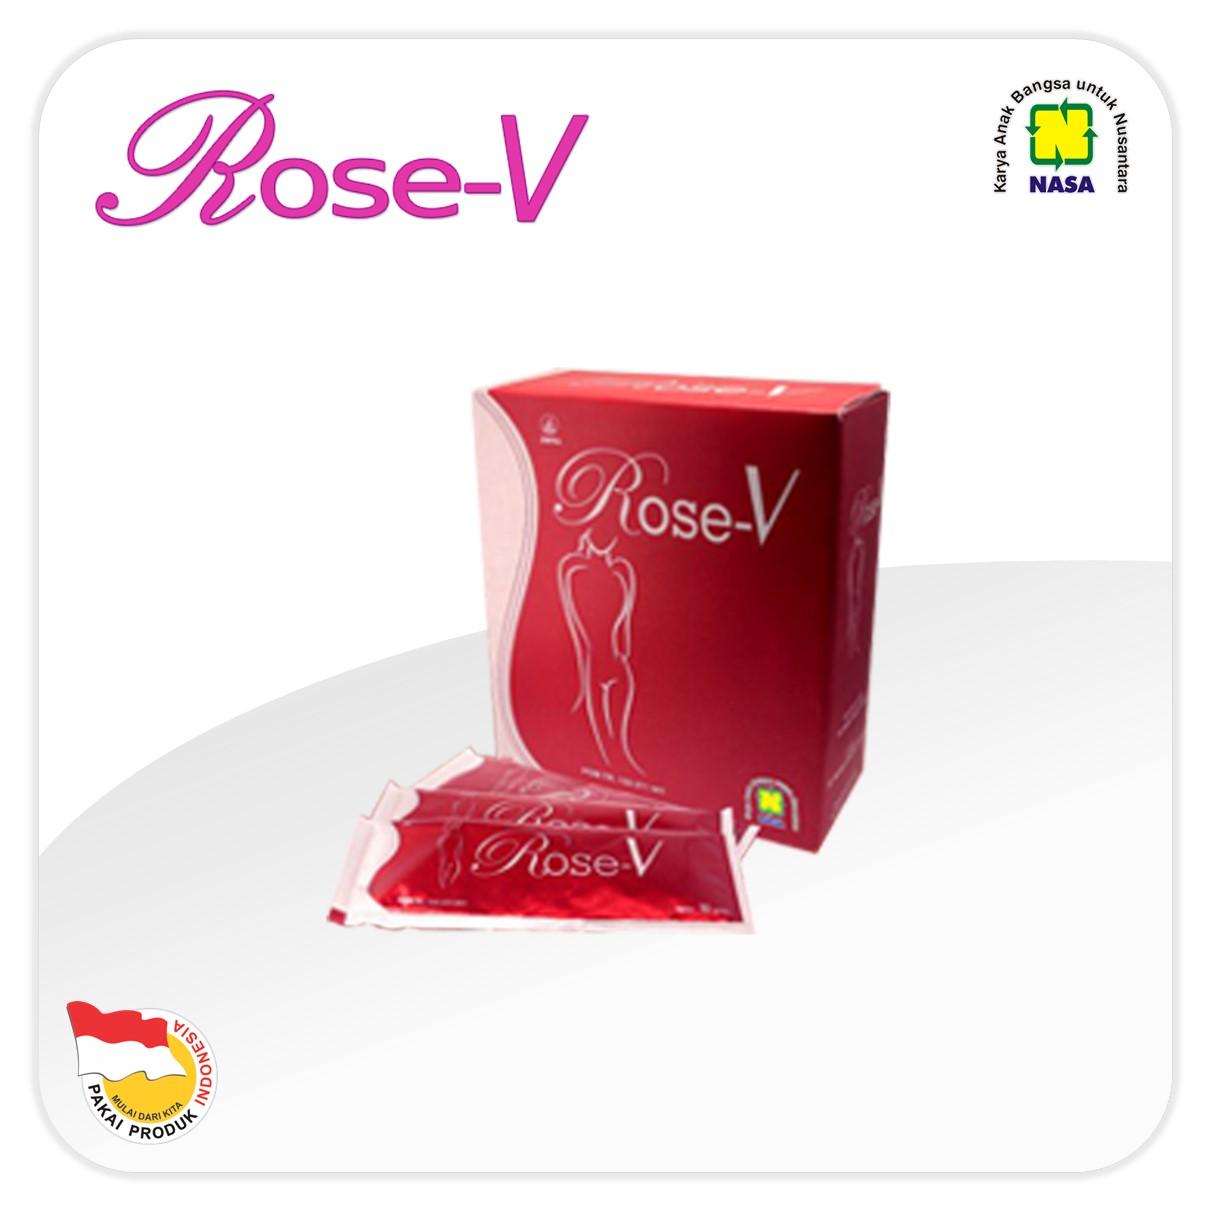 ROSE-V Minuman Kesehatan Wanita NASA